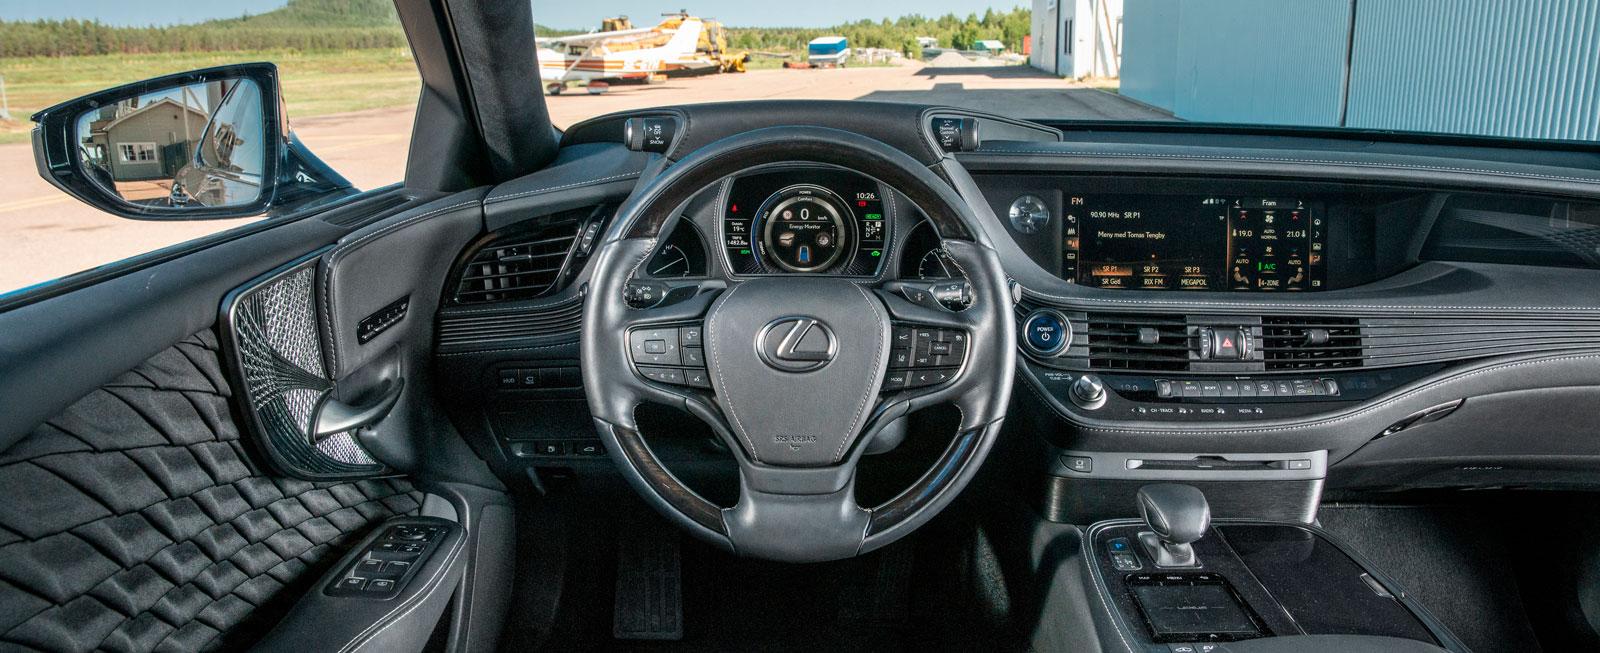 Det är ganska mörkt och dystert på Lexus förarplats. Knapparna i ratten är närmast osynliga i dagsljus och mediesystemets pekplatta kräver träning.